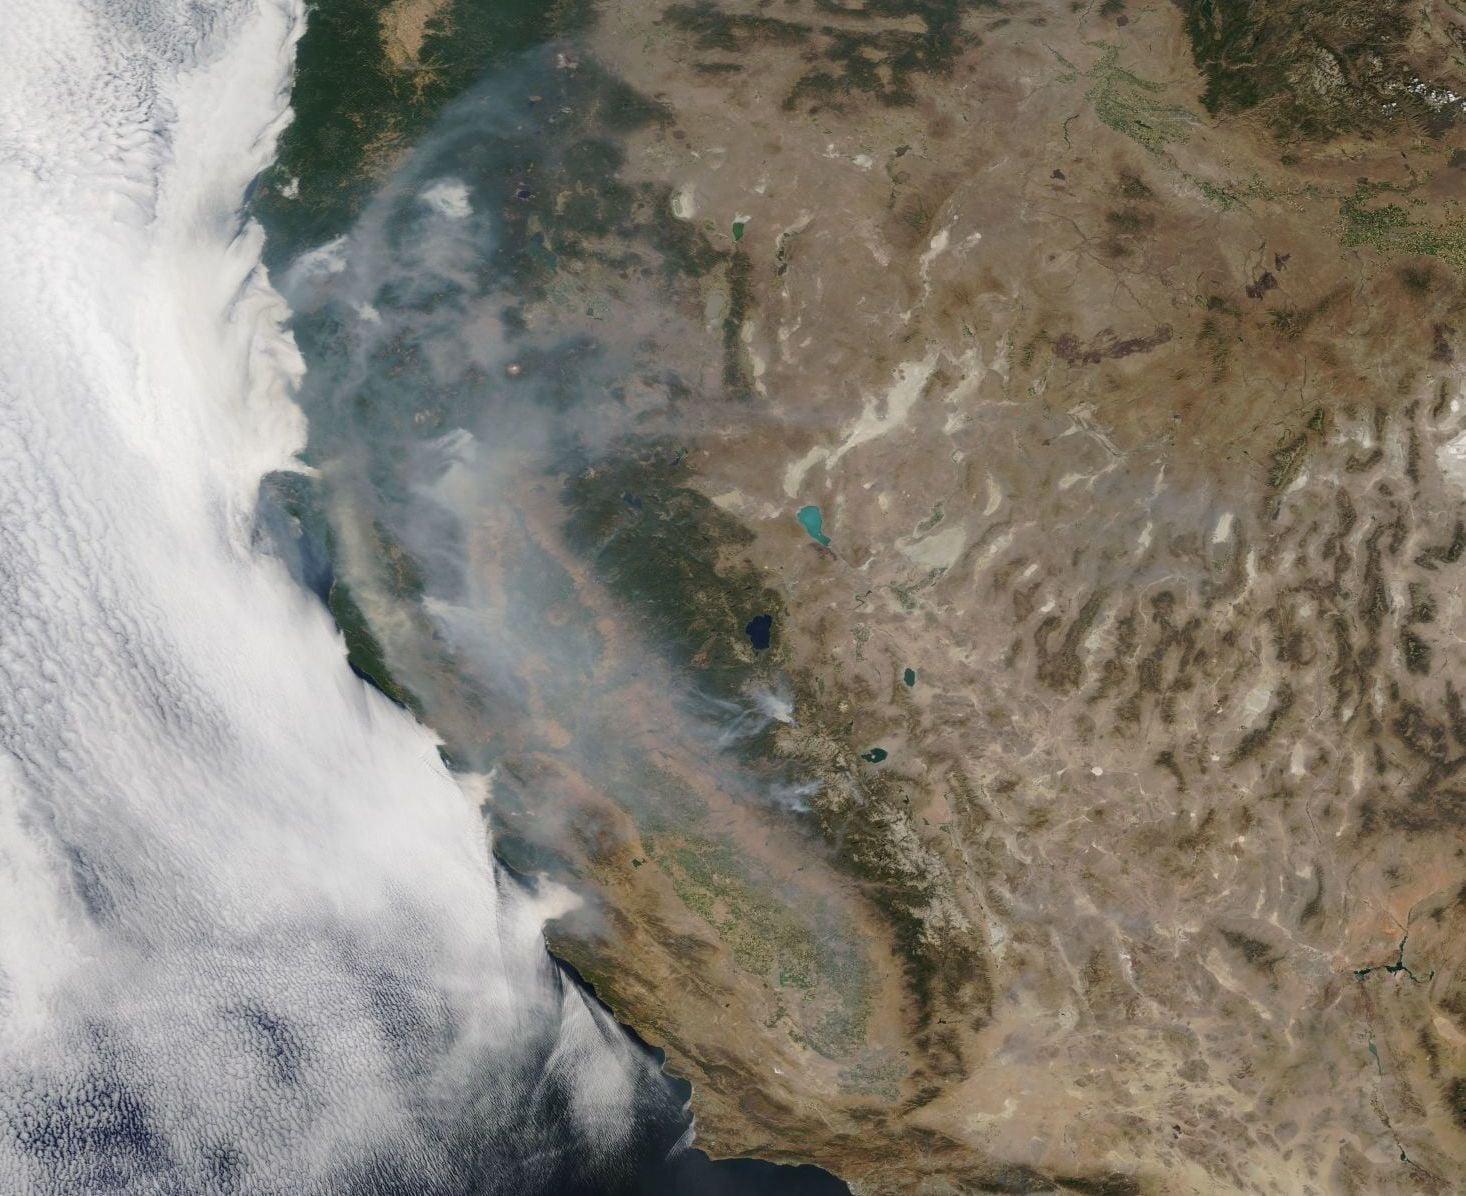 Pożary w Kalifornii pochłonęły już prawie 280 000 hektarów! EPA/NASA.